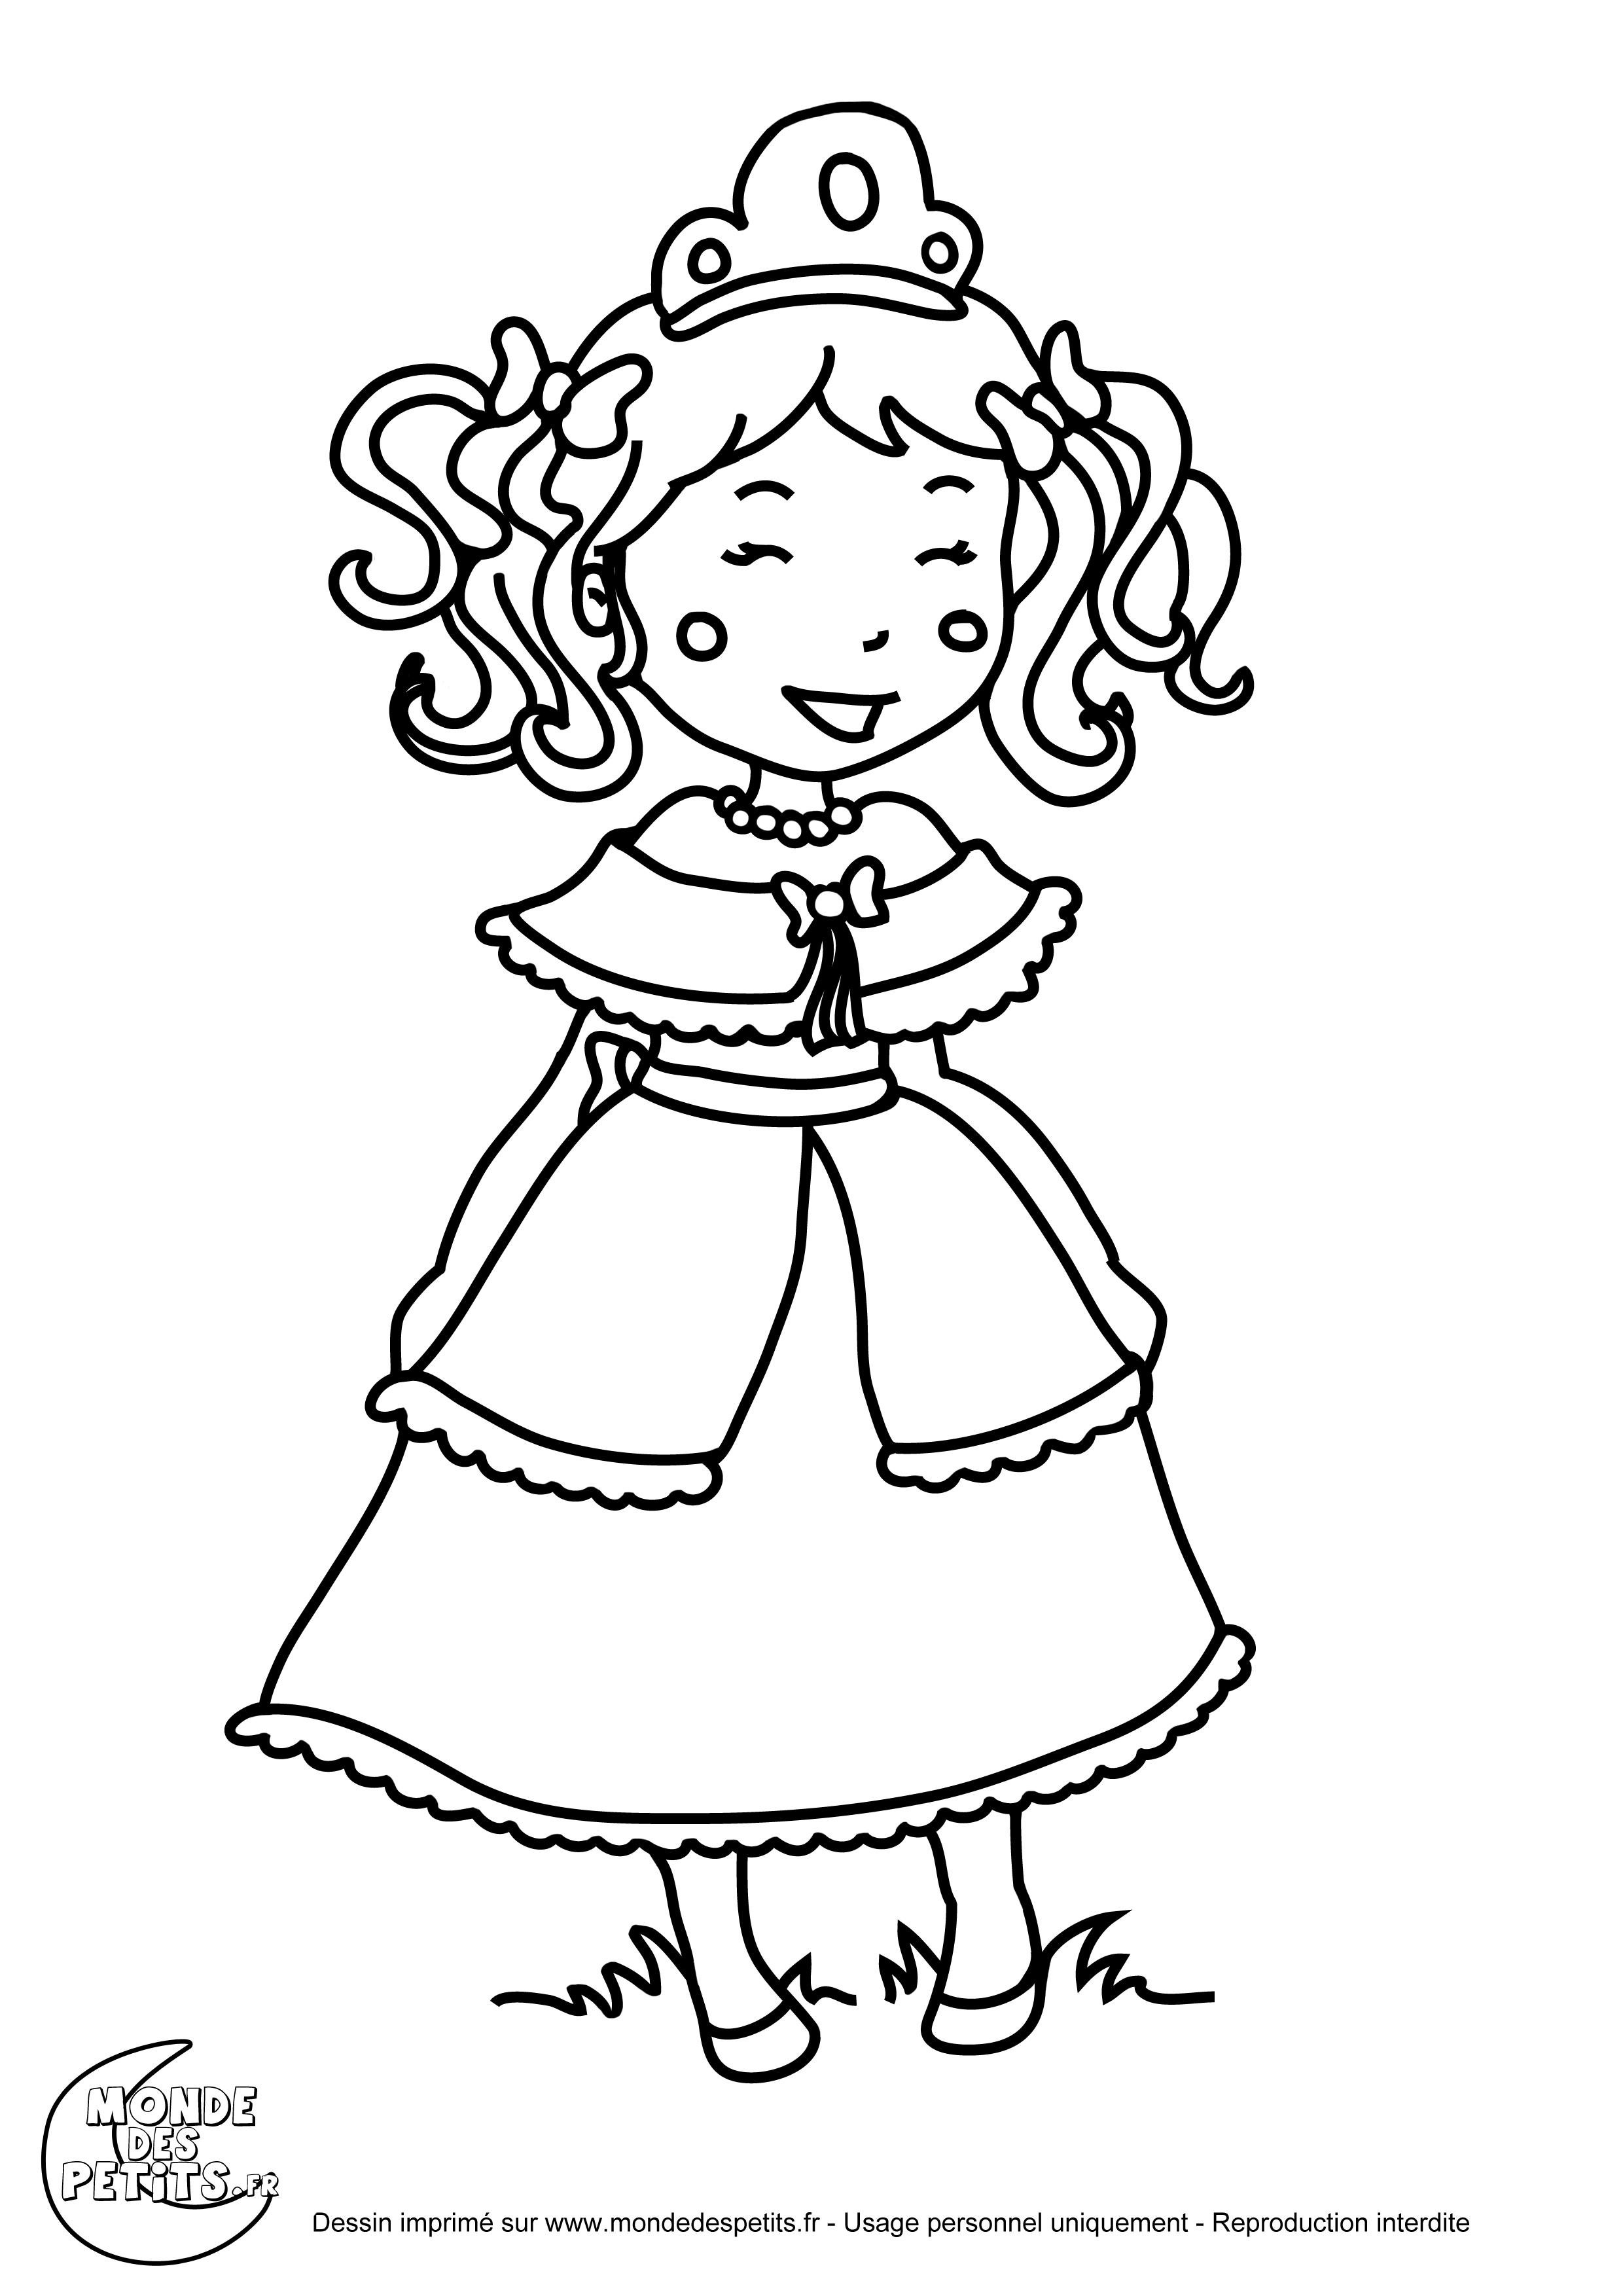 Coloriage Robe De Princesse A Imprimer.Monde Des Petits Coloriages A Imprimer